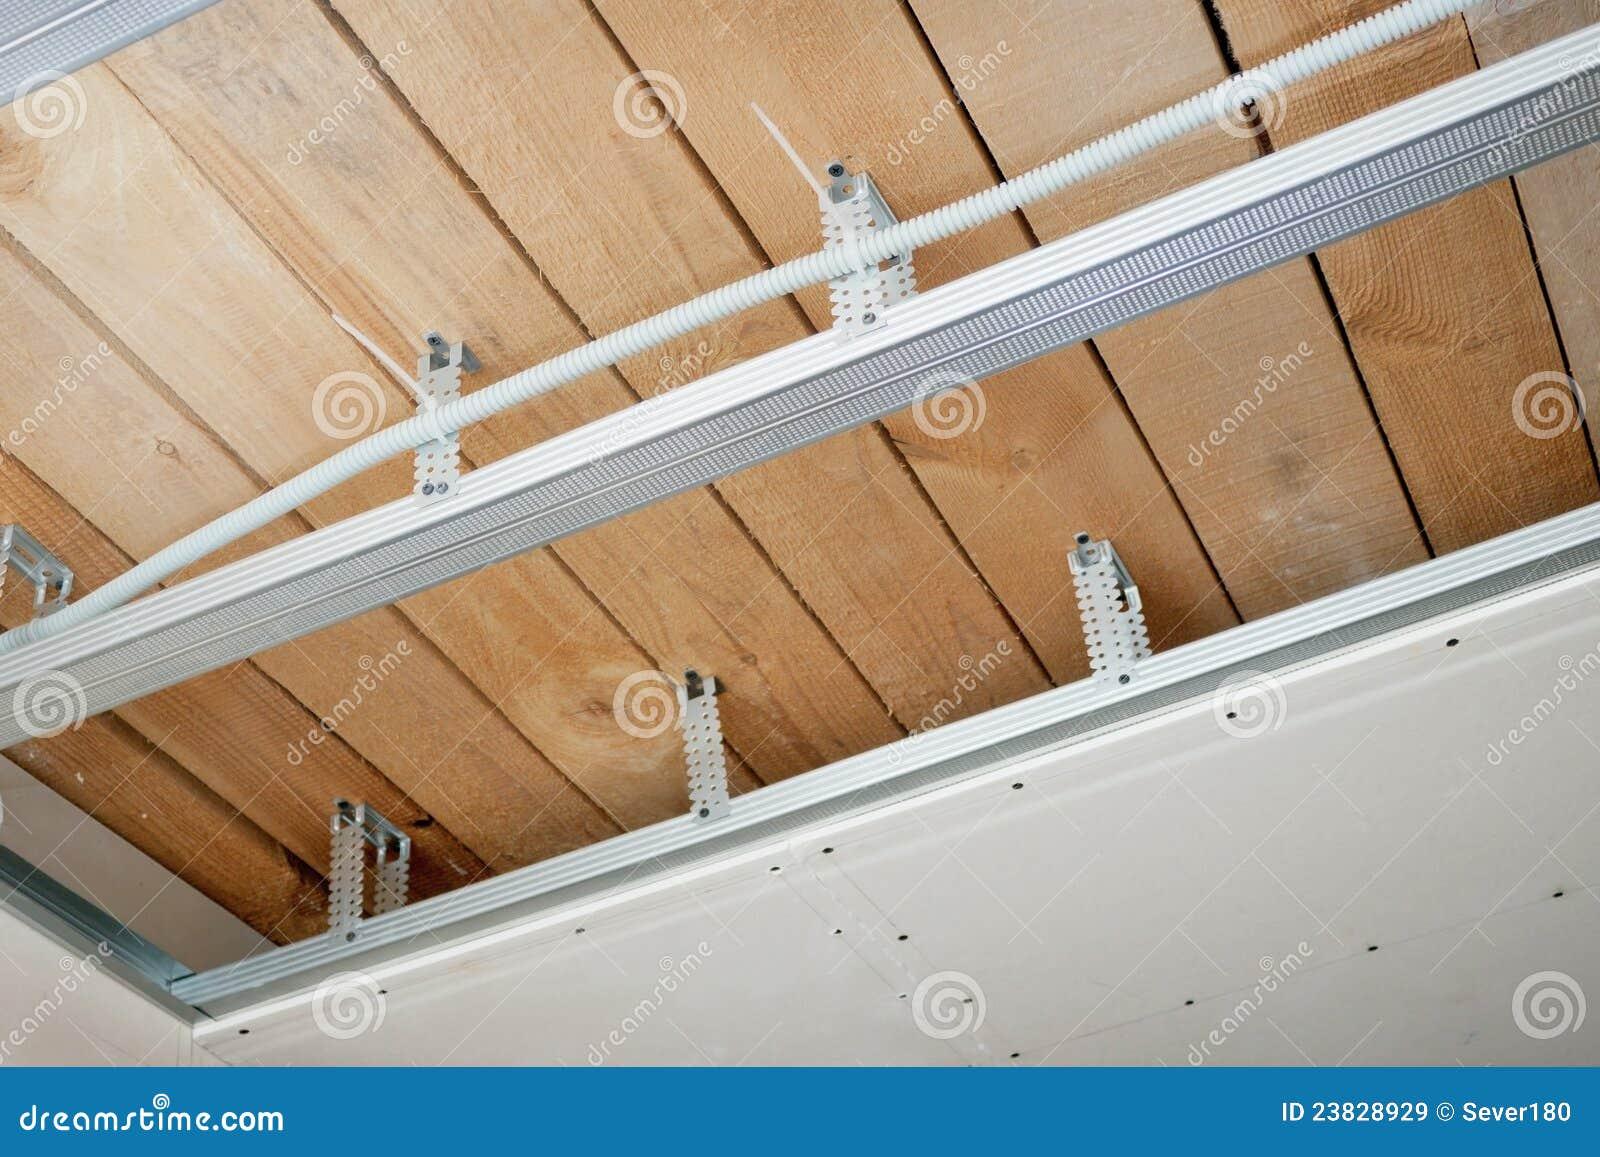 elektrische leitungen installiert in die decke lizenzfreie stockbilder bild 23828929. Black Bedroom Furniture Sets. Home Design Ideas